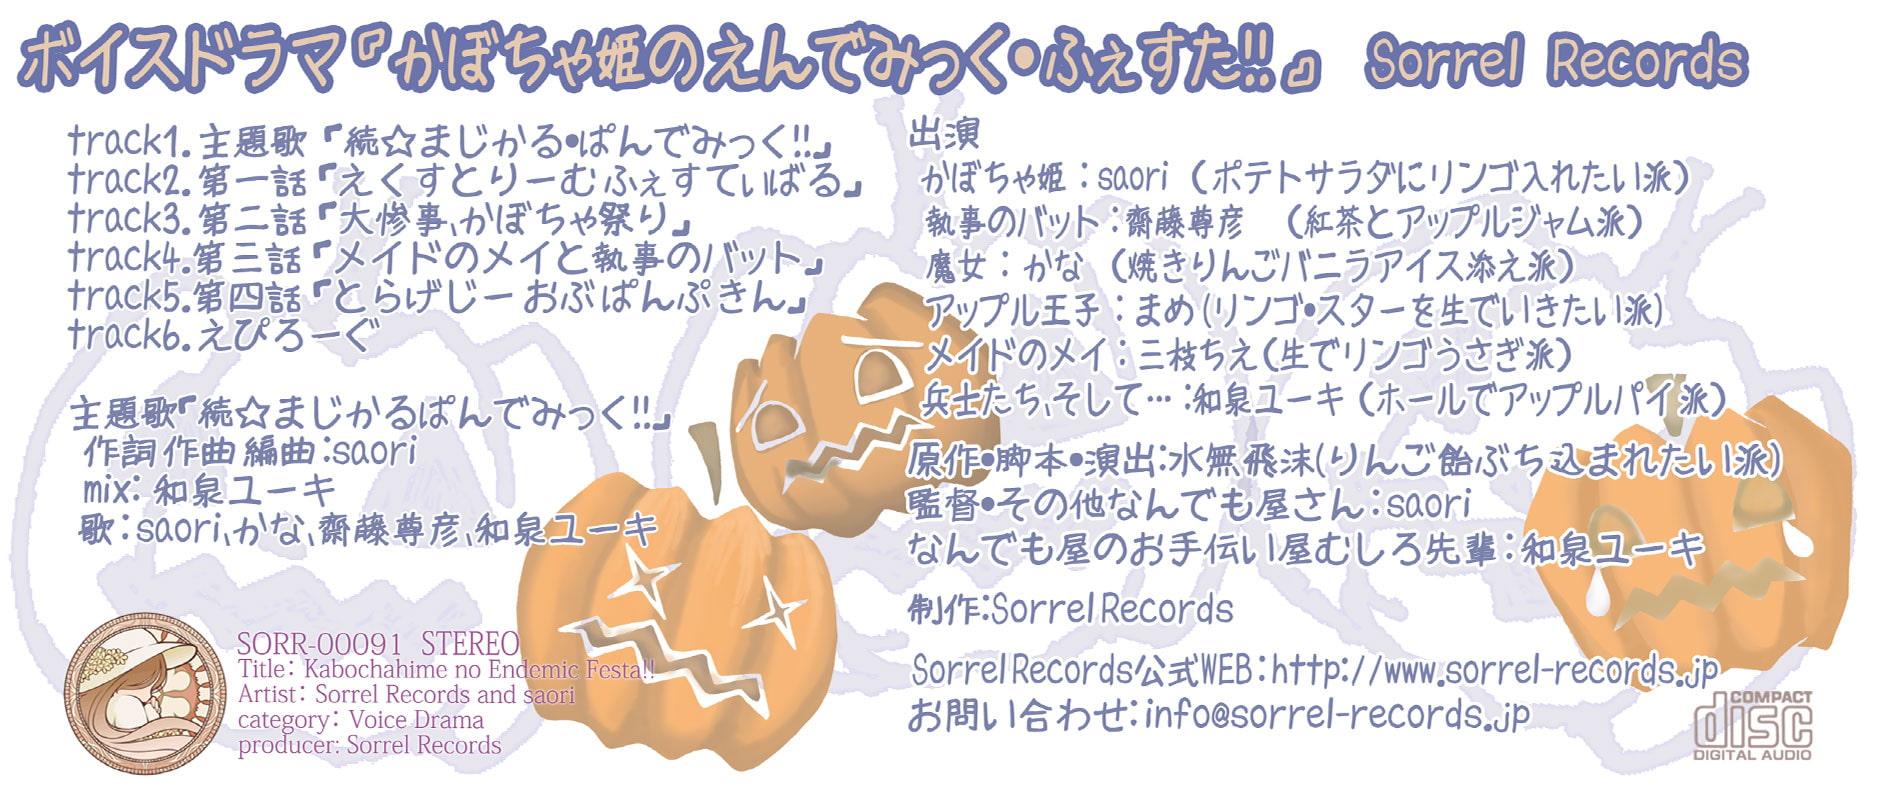 DLsite専売かぼちゃ姫の えんでみっく・ふぇすた!!